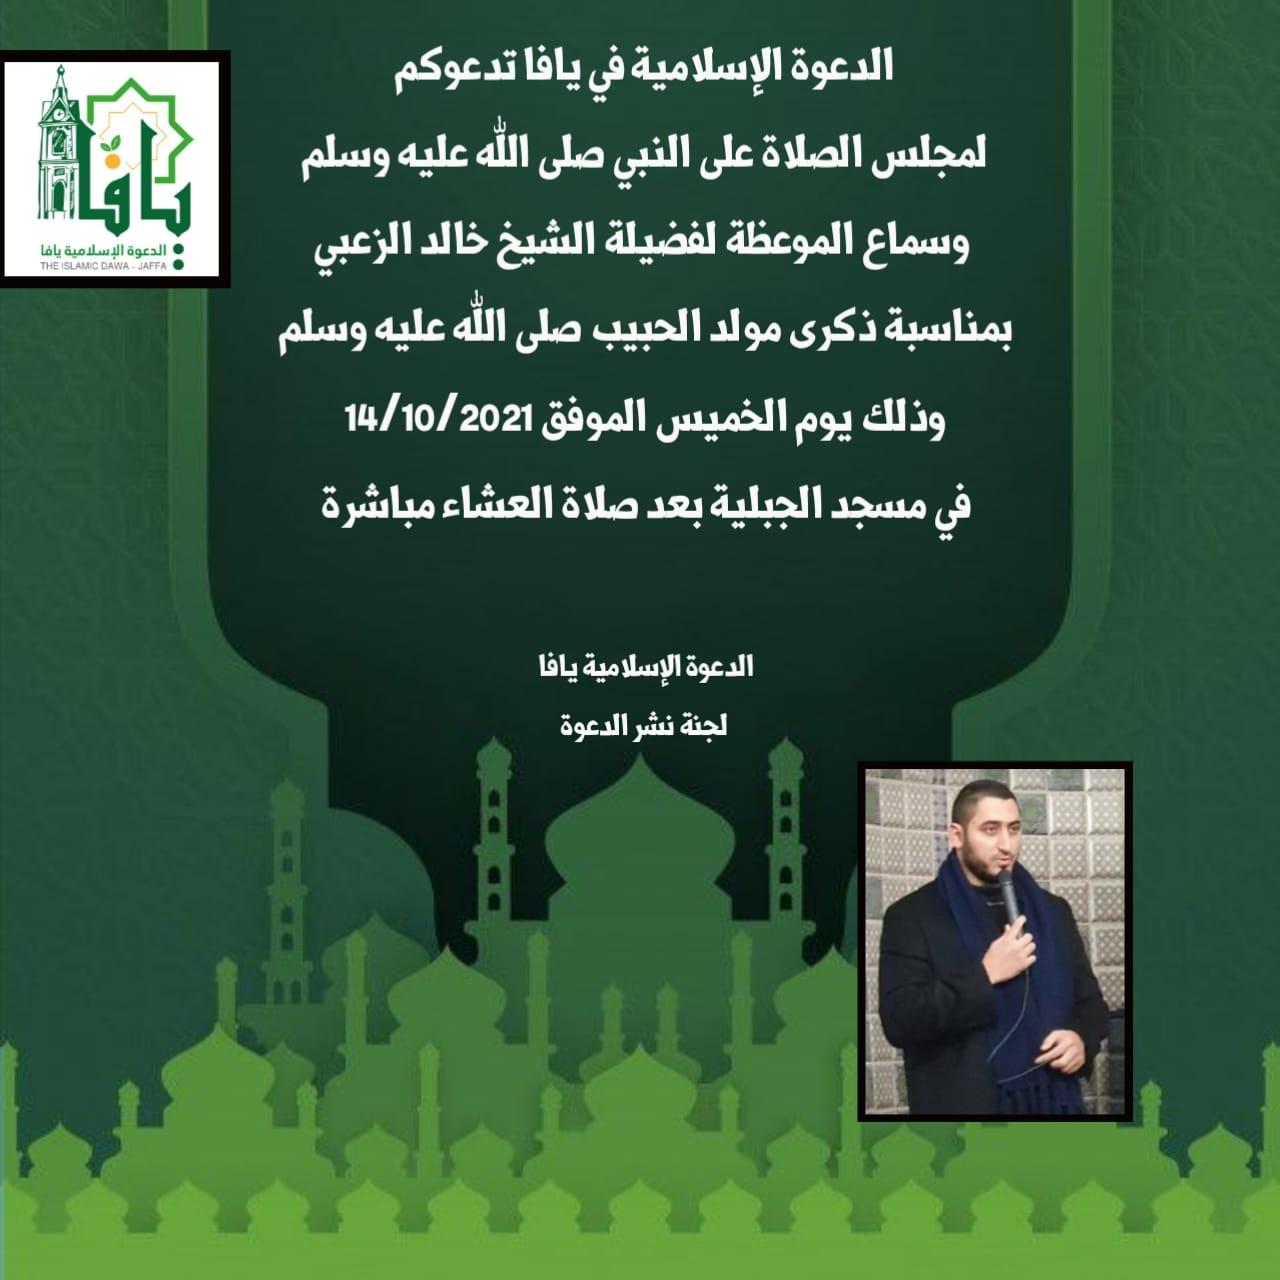 الخميس: موعظة للشيخ خالد زعبي في مسجد الجبلية بيافا